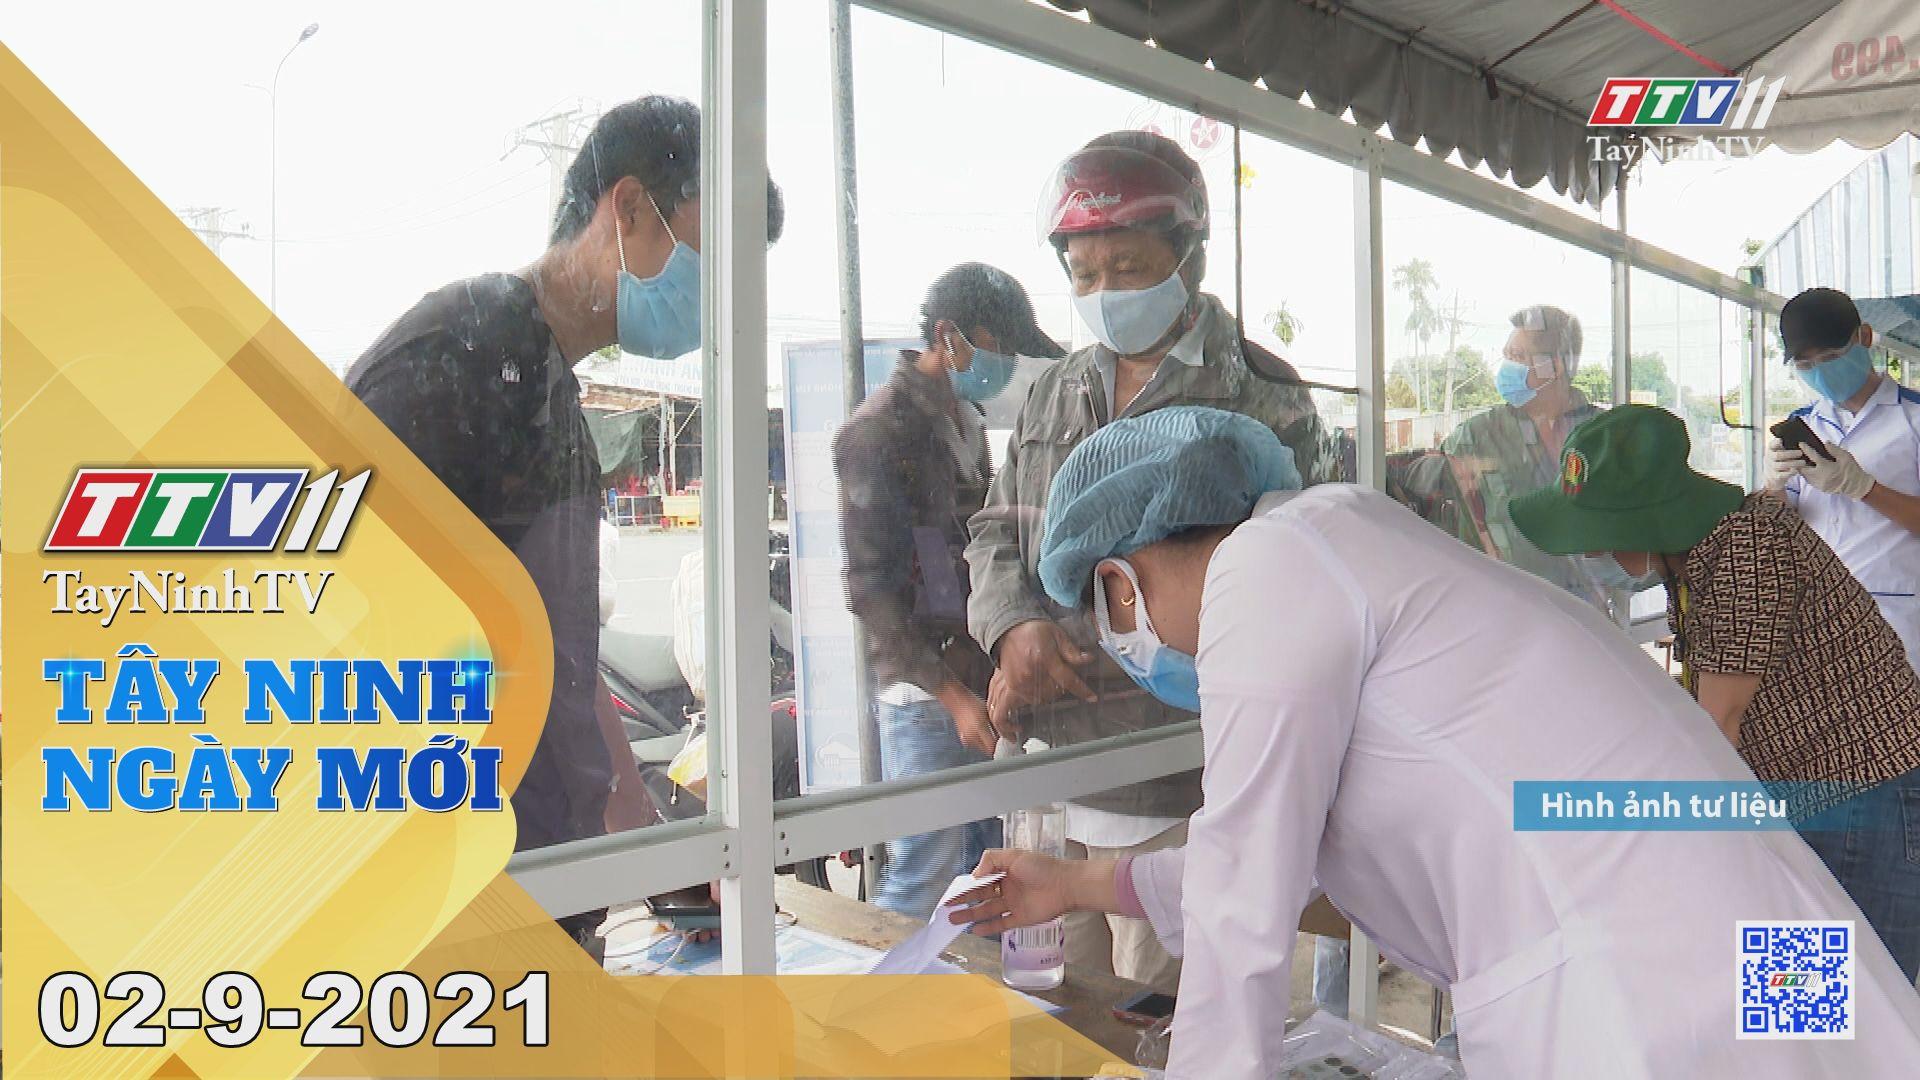 Tây Ninh Ngày Mới 02-9-2021 | Tin tức hôm nay | TayNinhTV